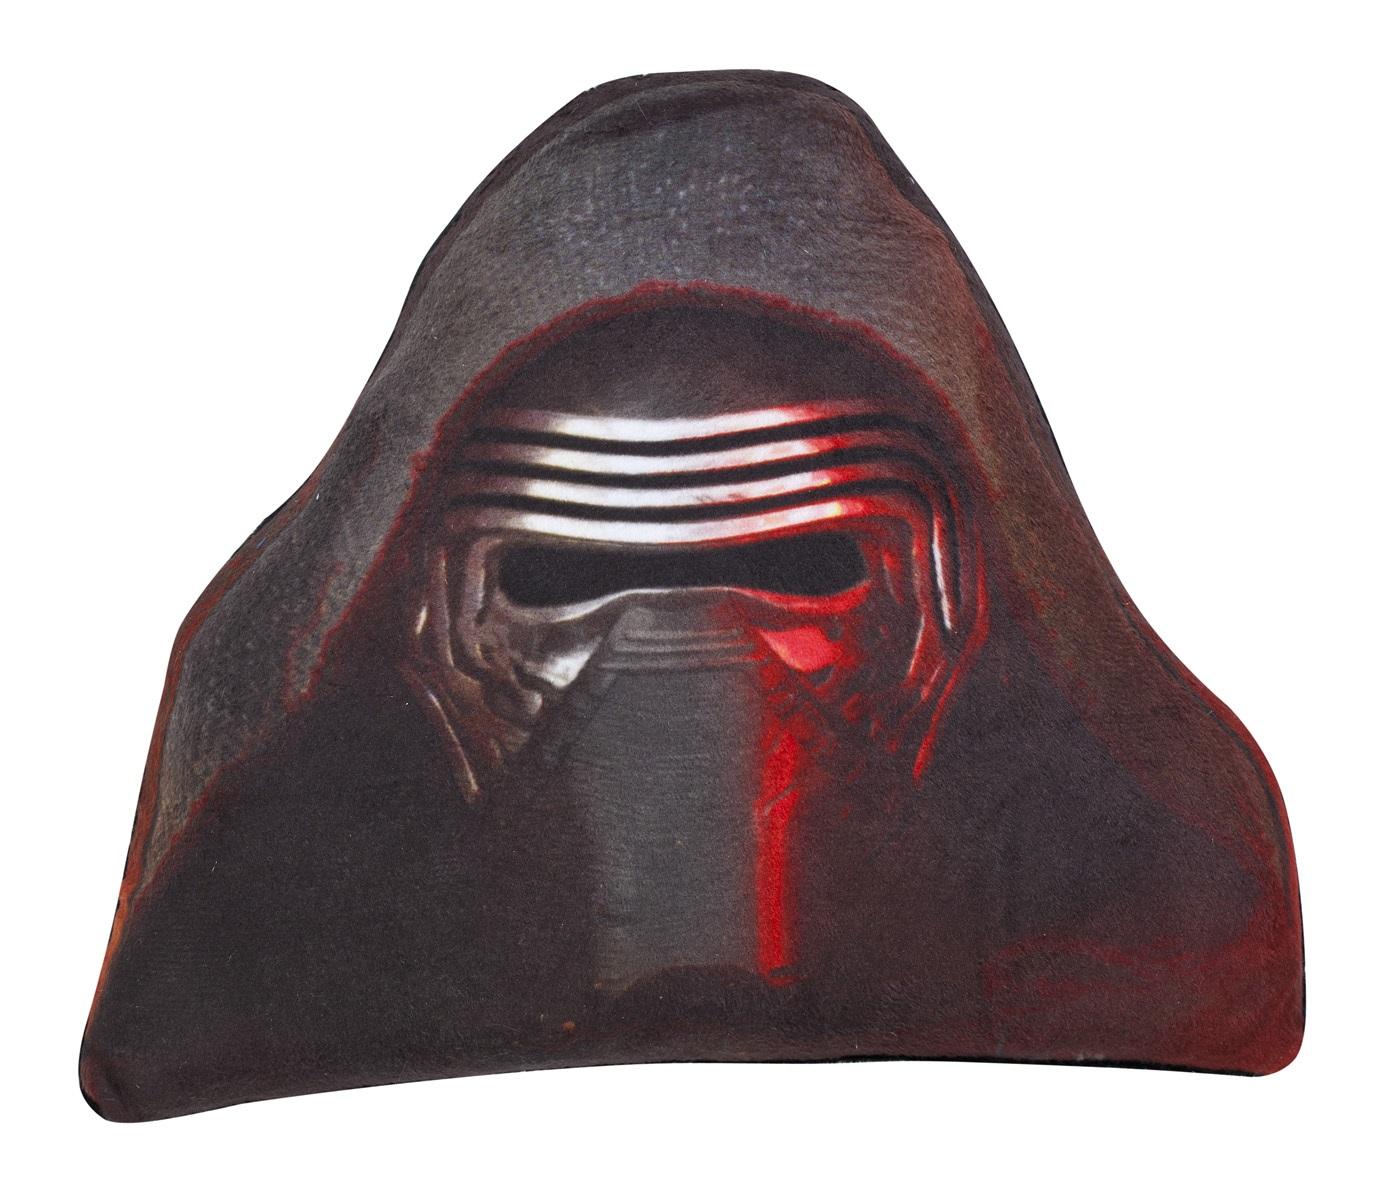 Мягкая игрушка-подушка Star Wars. Kylo Ren (20 см)Представляем вашему вниманию мягкую игрушку-подушку Star Wars. Kylo Ren, созданную по мотивам саги о Звездных войнах.<br>